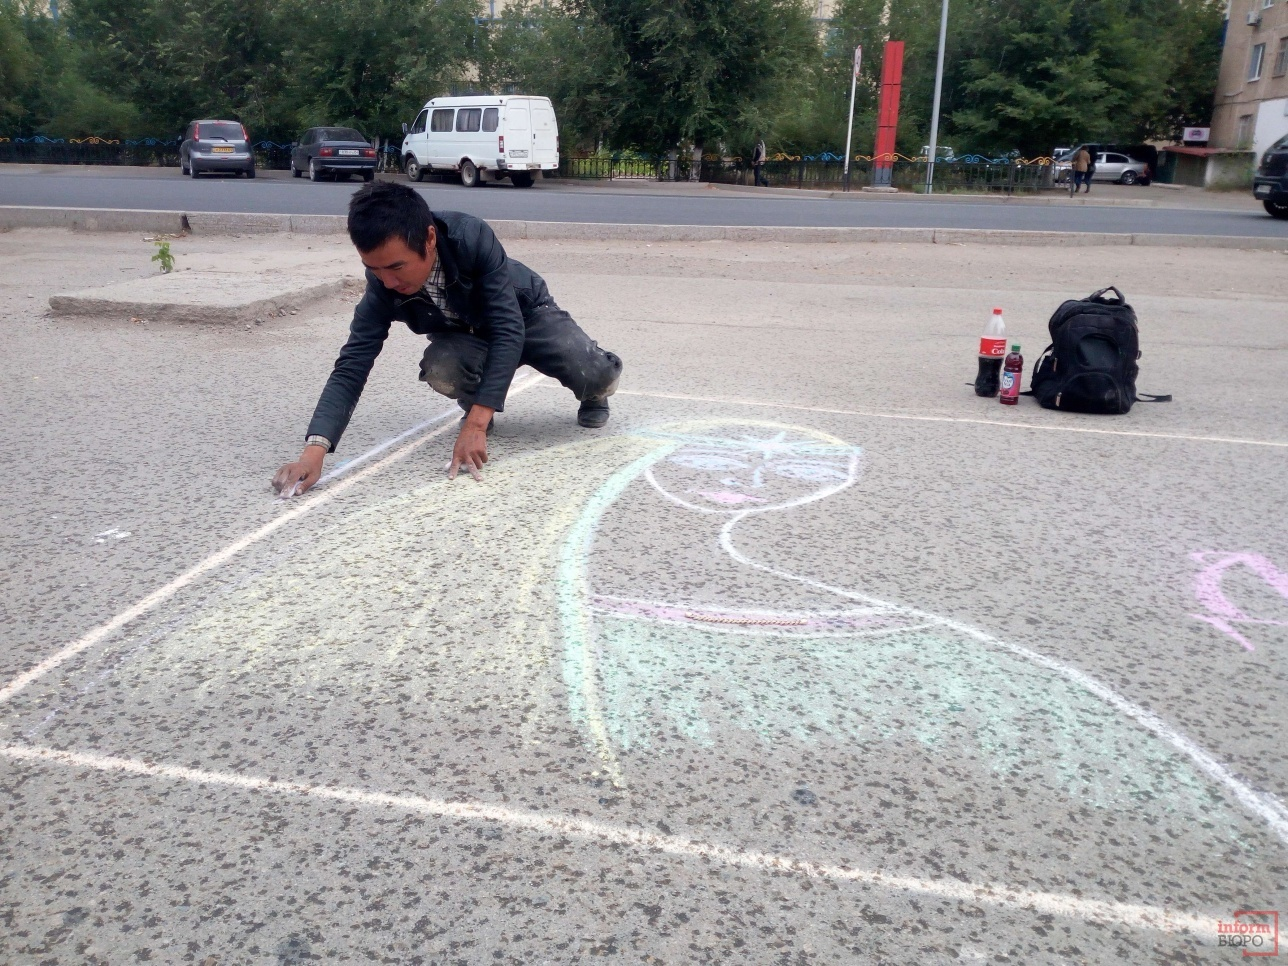 Айбек продвигает уличное искусство